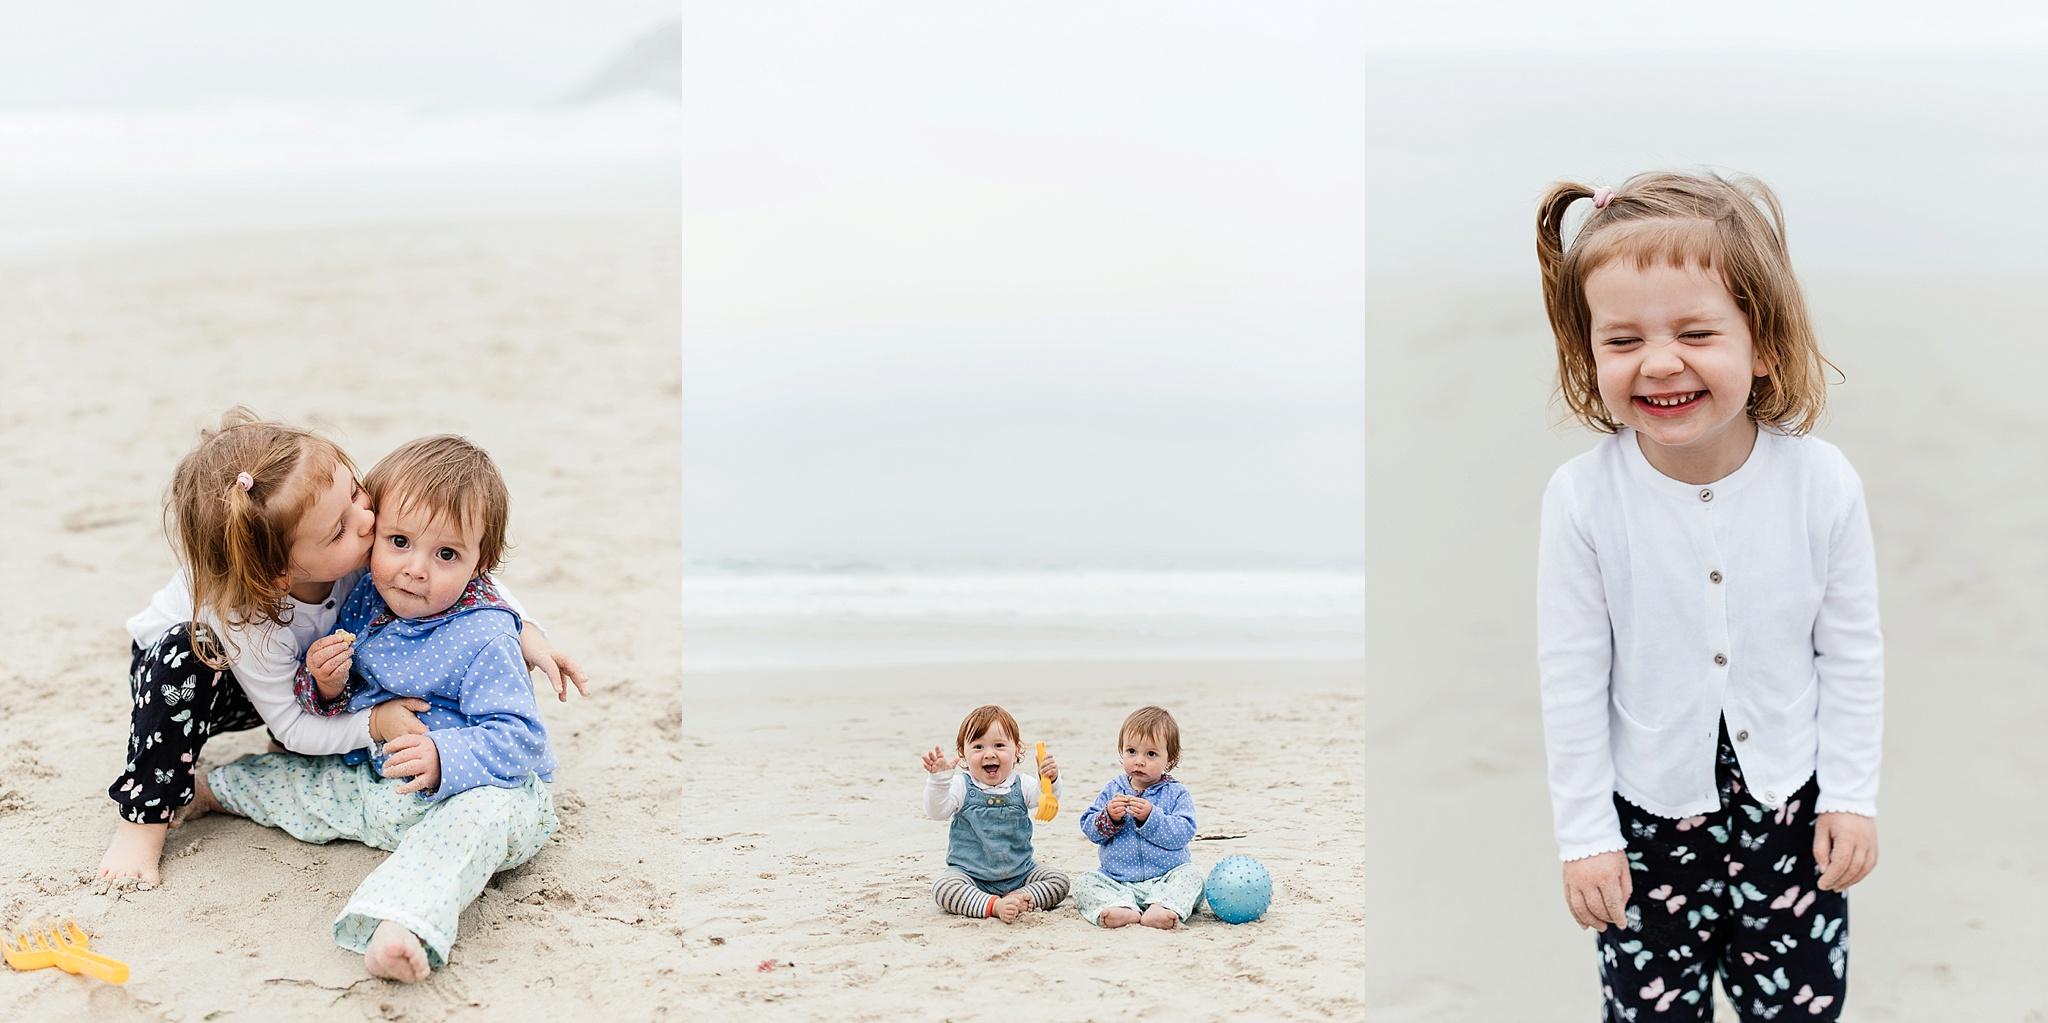 Cape Town Photographer Darren Bester - Llandudno Family Shoot_0010.jpg